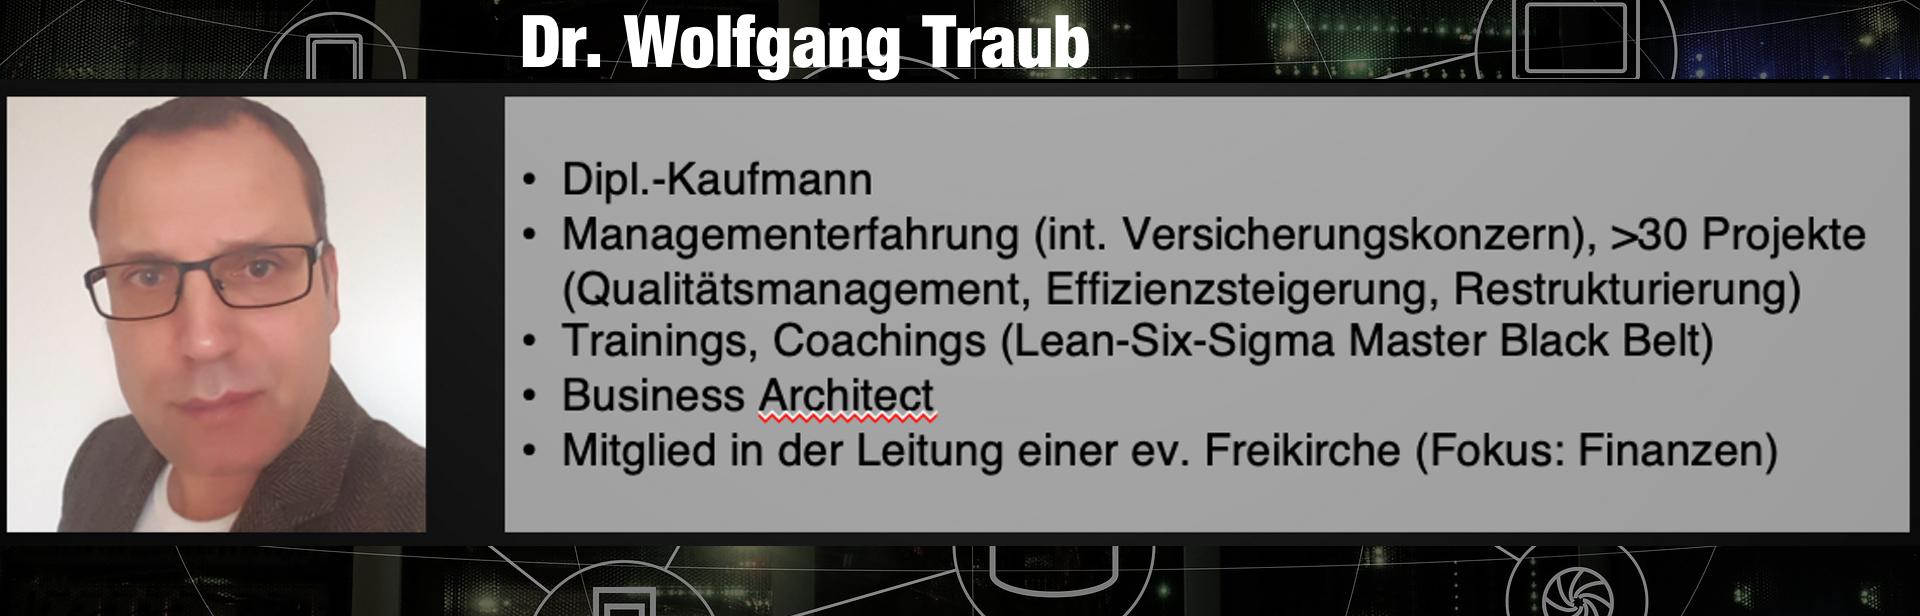 Dr Wolfgang Traub